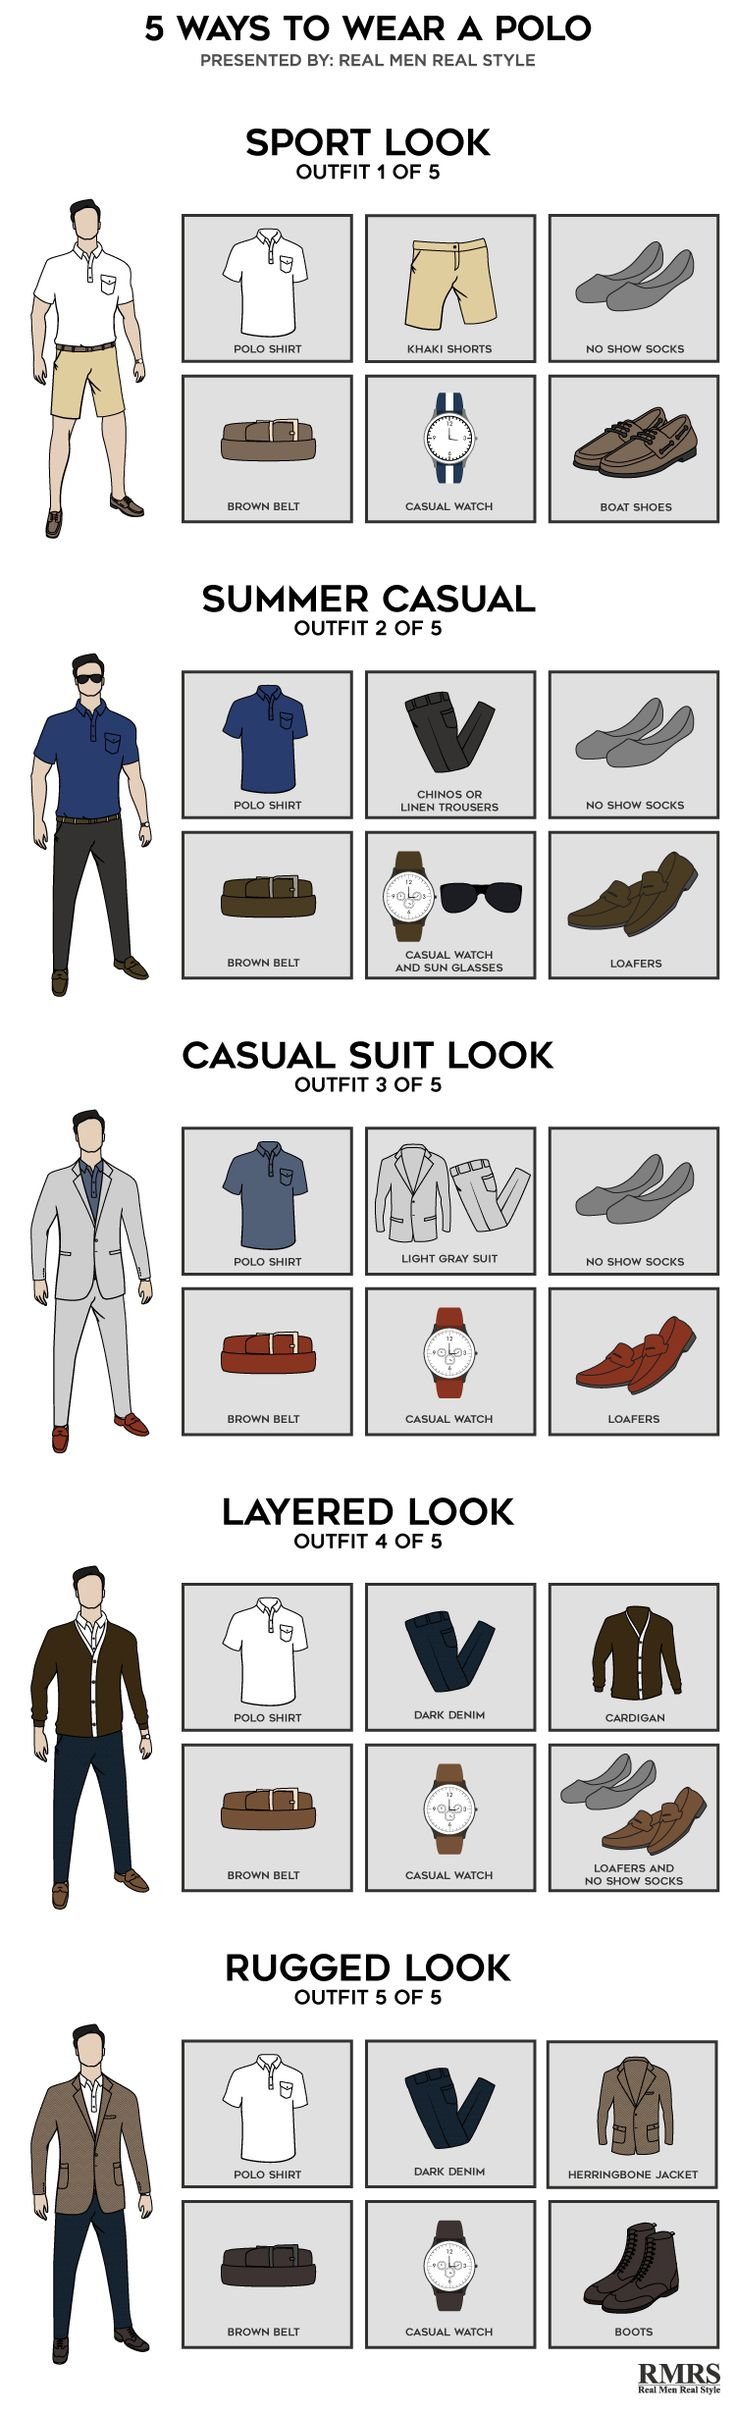 5 Ways To Wear A Polo